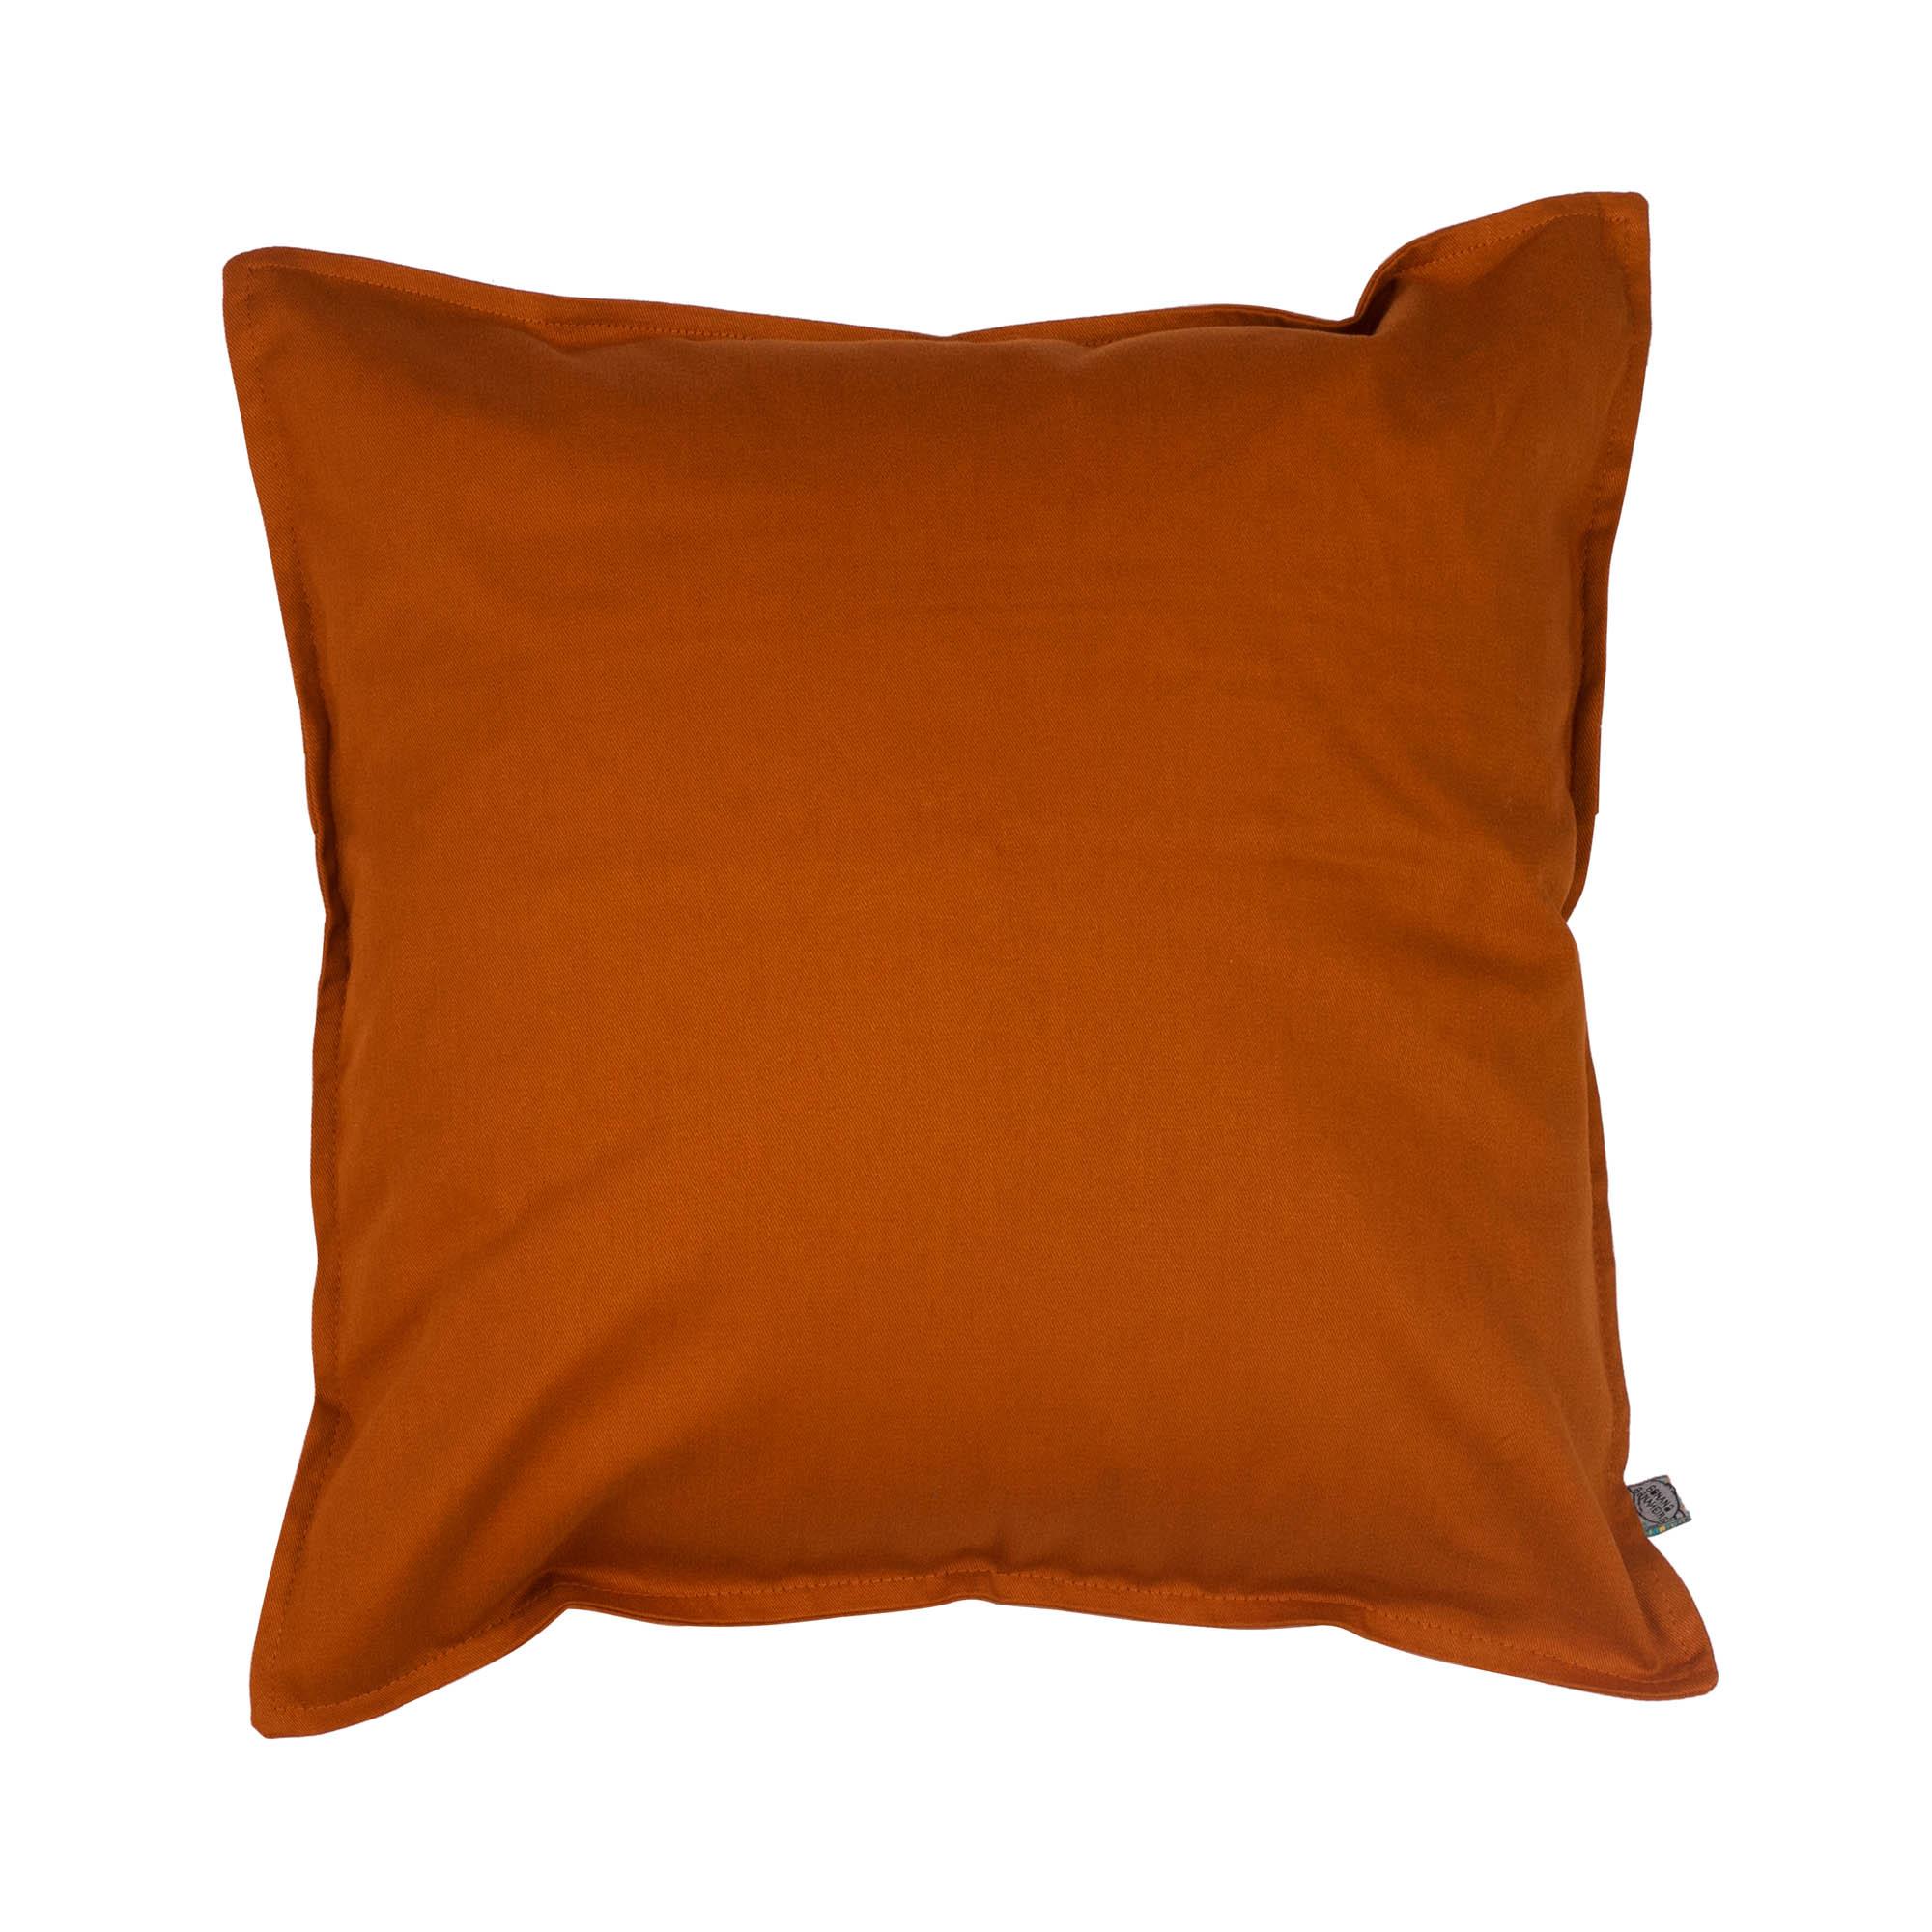 Capa de almofada em pesponto 45 cm x 45 cm ocre